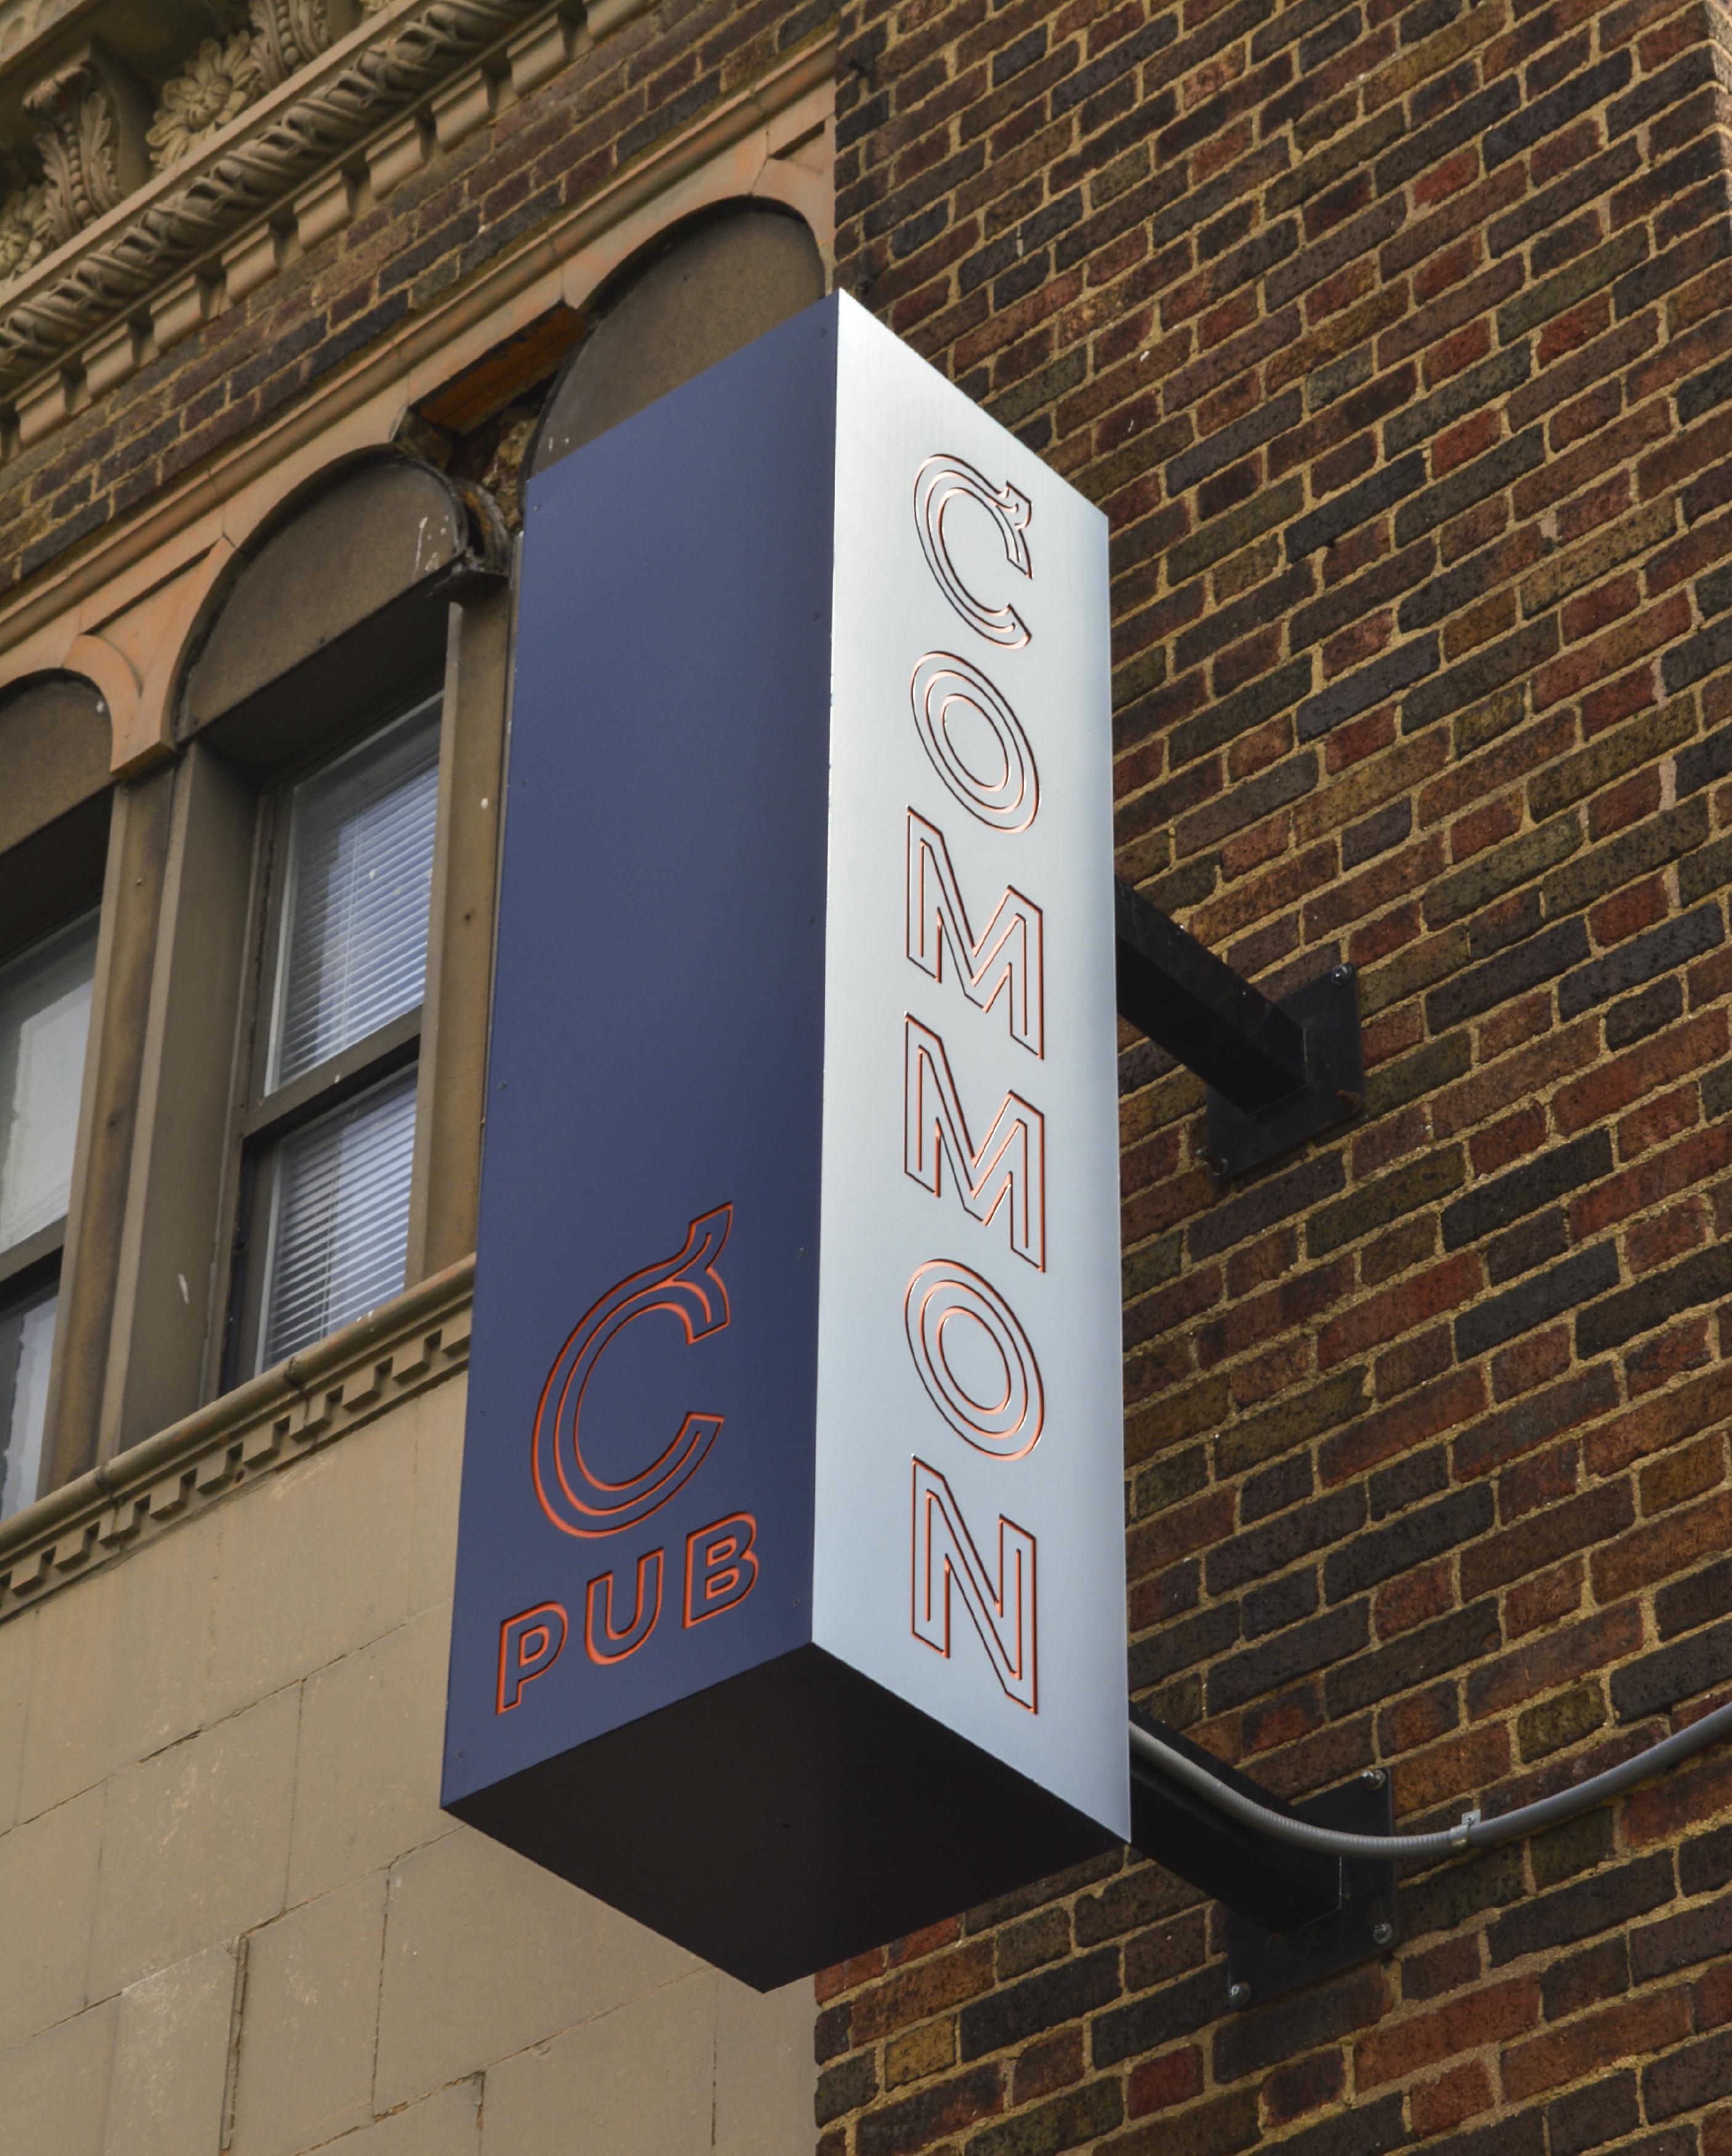 Common Pub Exterior Sign